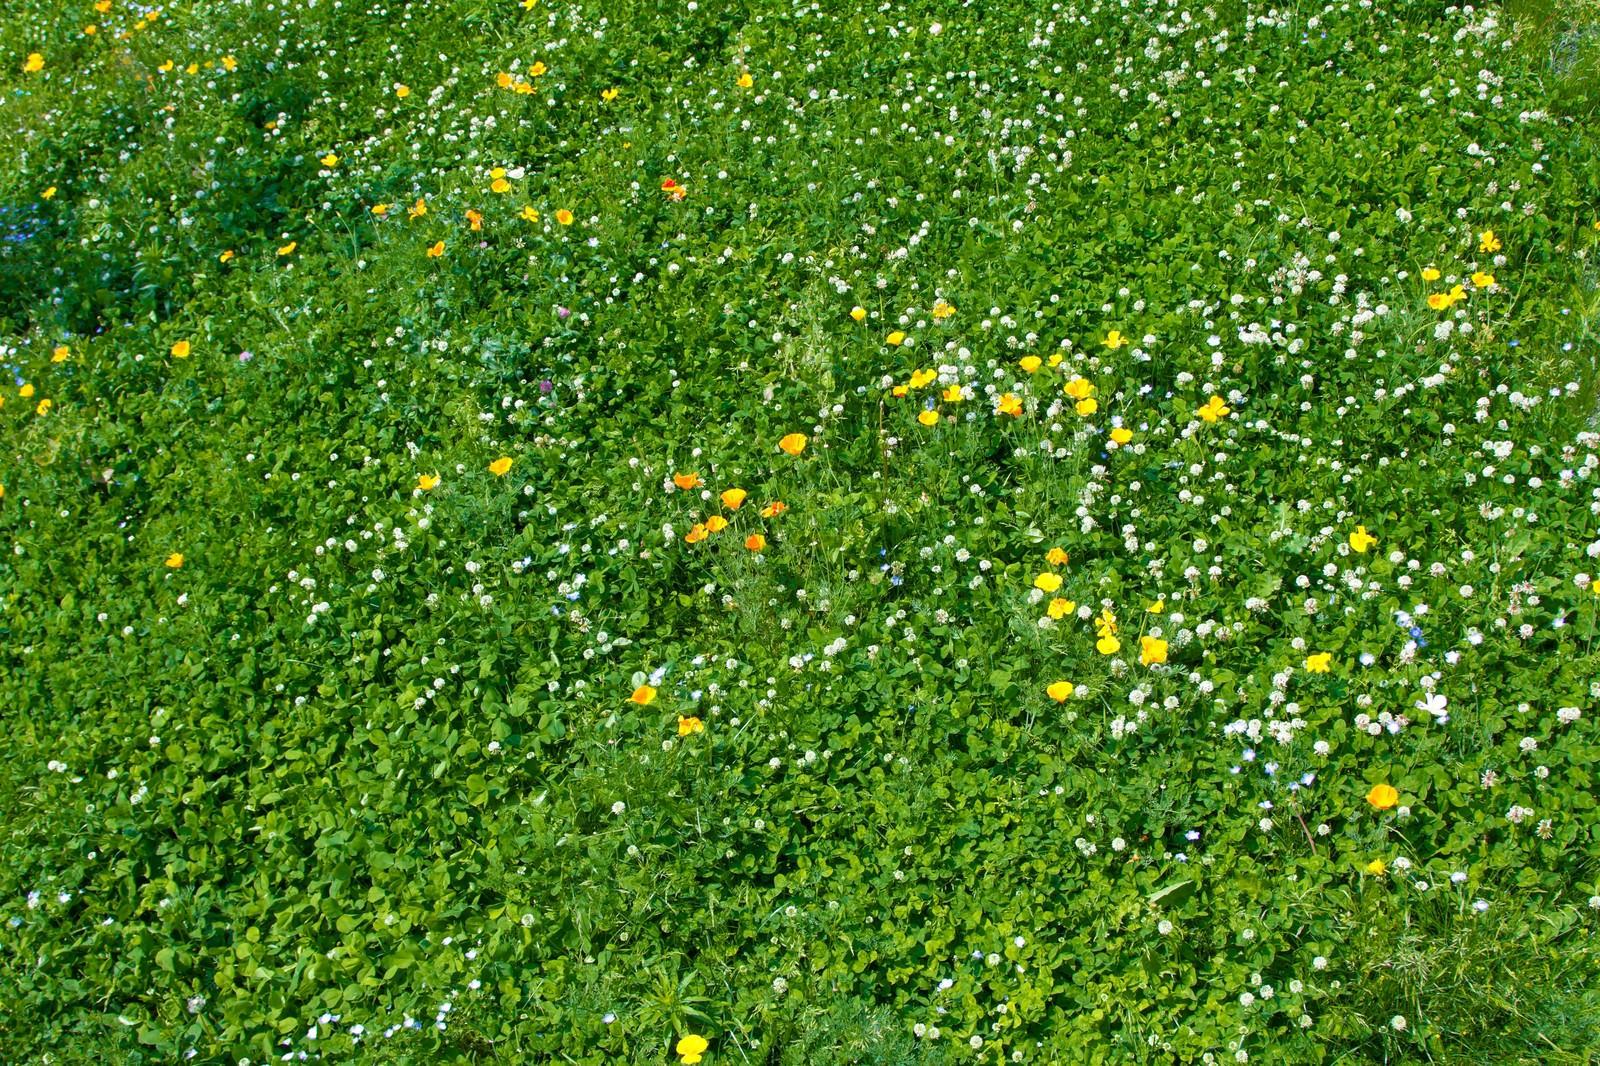 「広がる緑とシロツメグサ広がる緑とシロツメグサ」のフリー写真素材を拡大